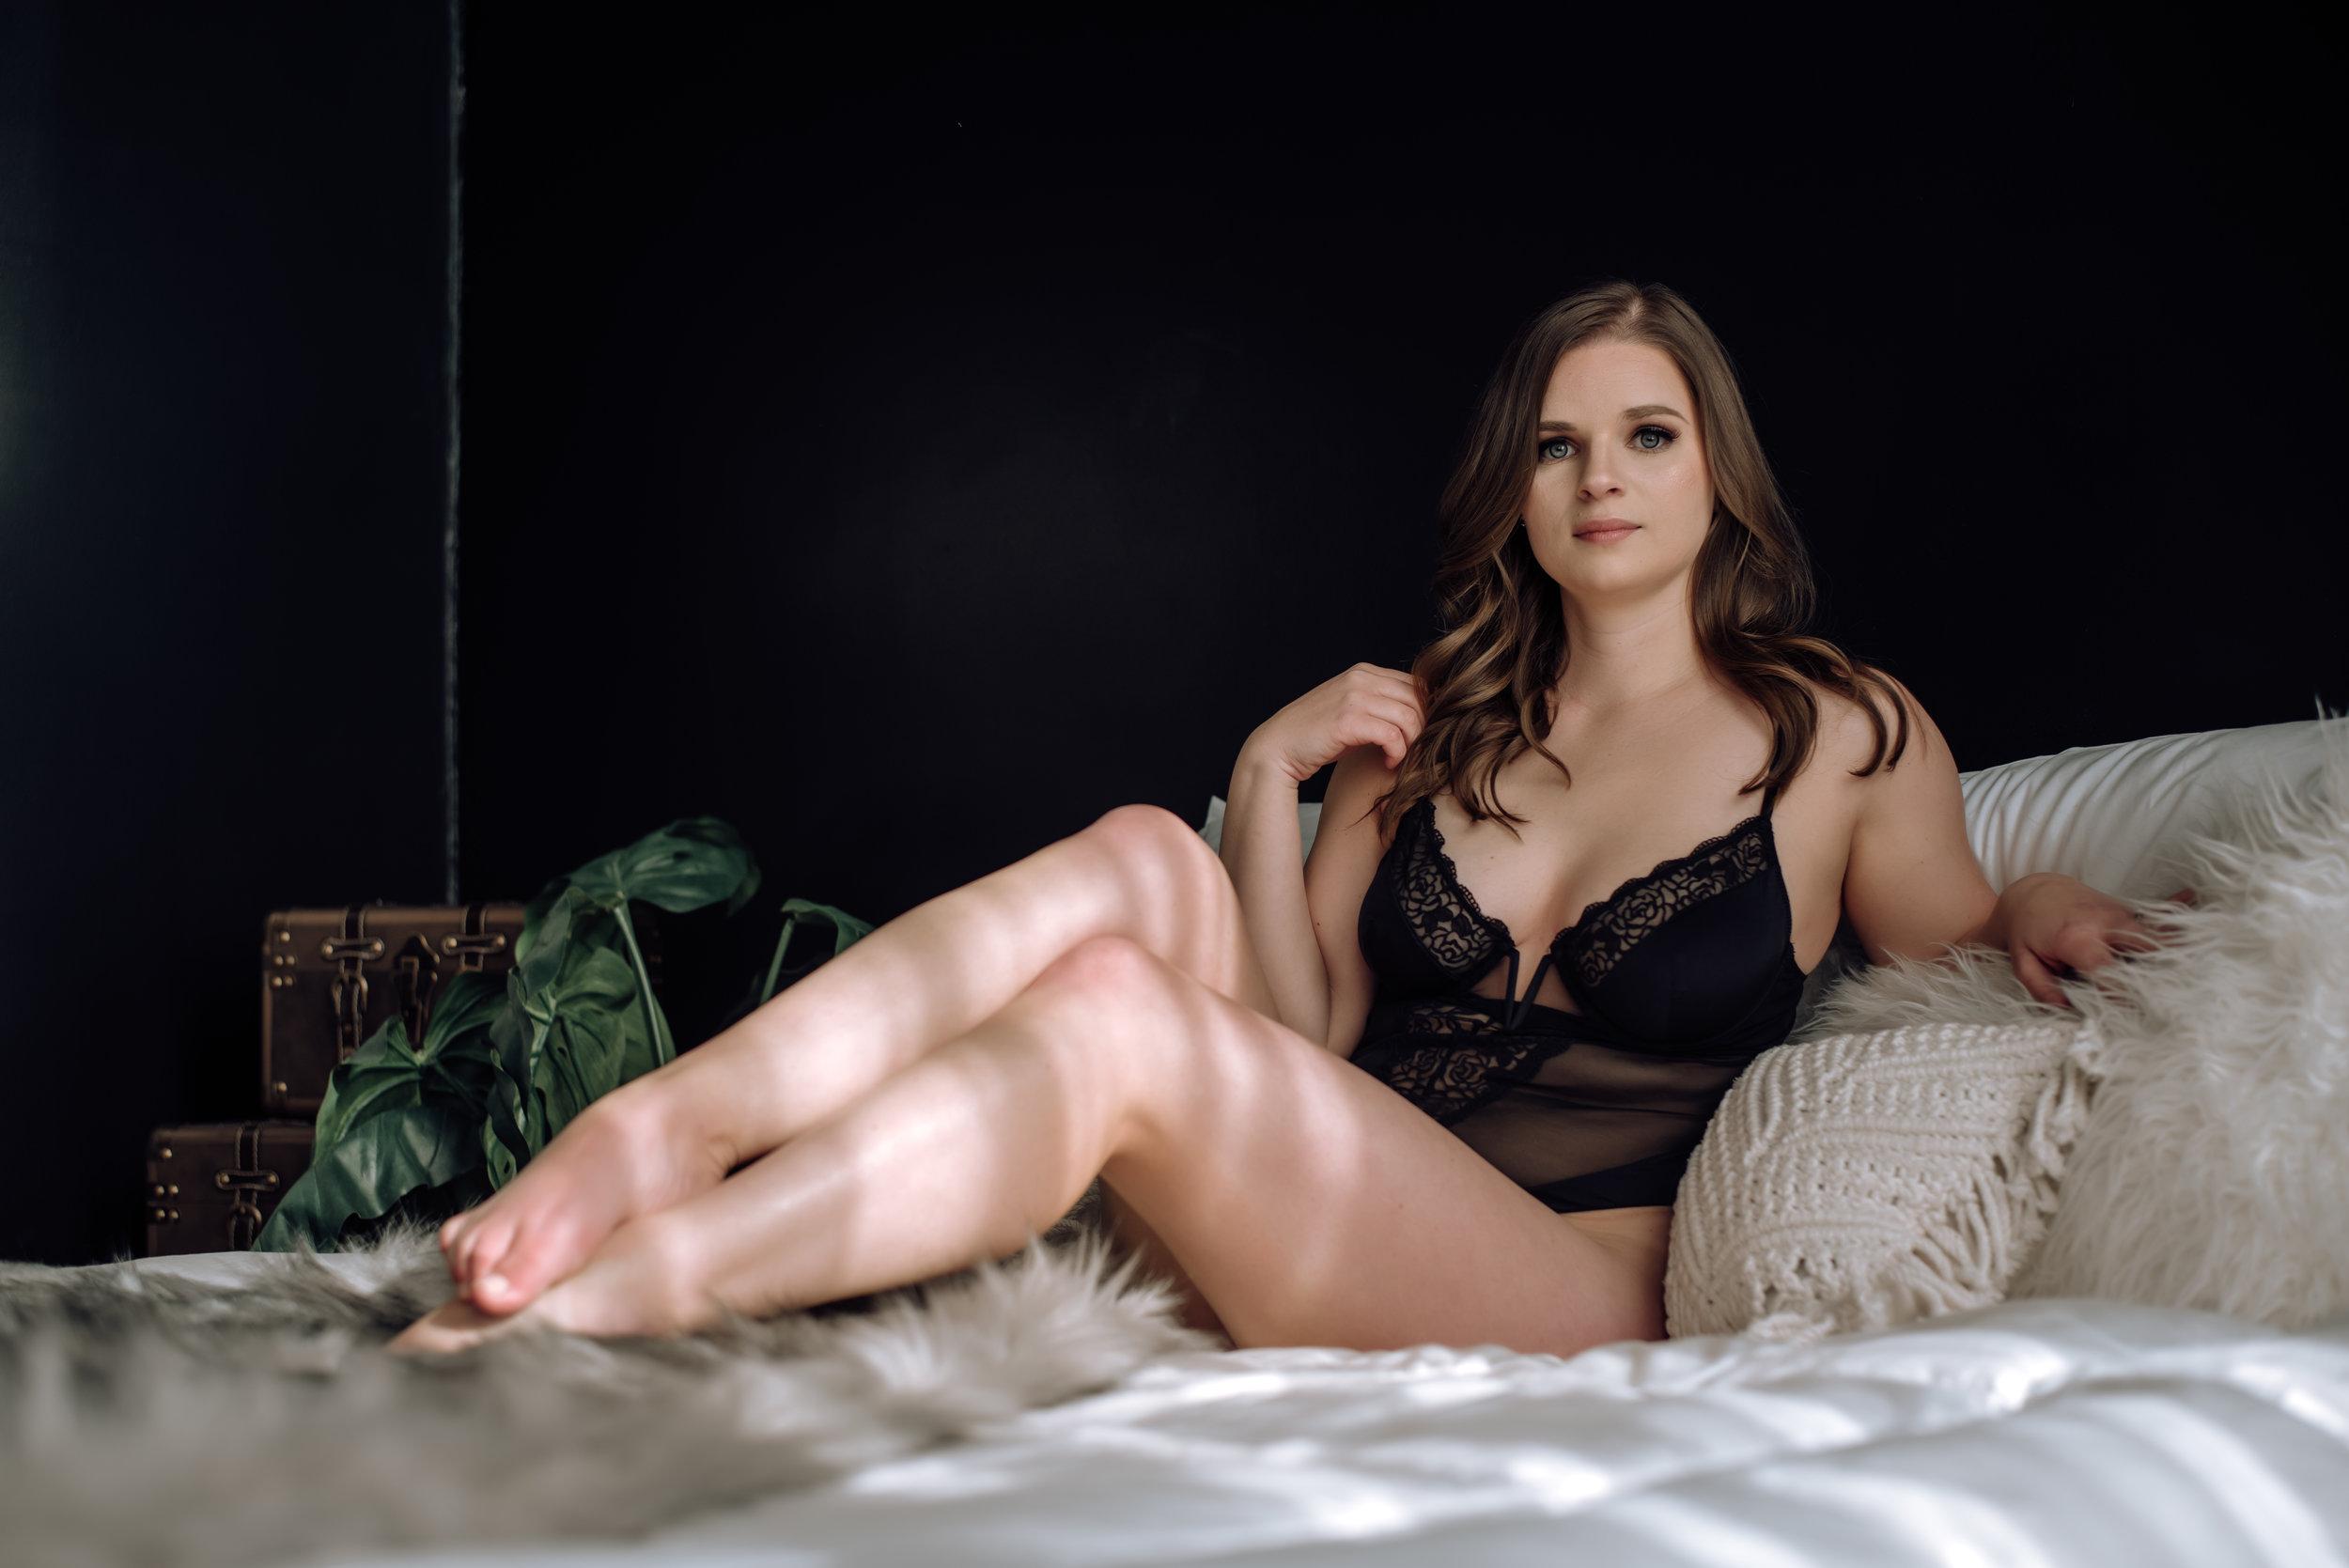 boudoir-photos-berks-county-13.jpg